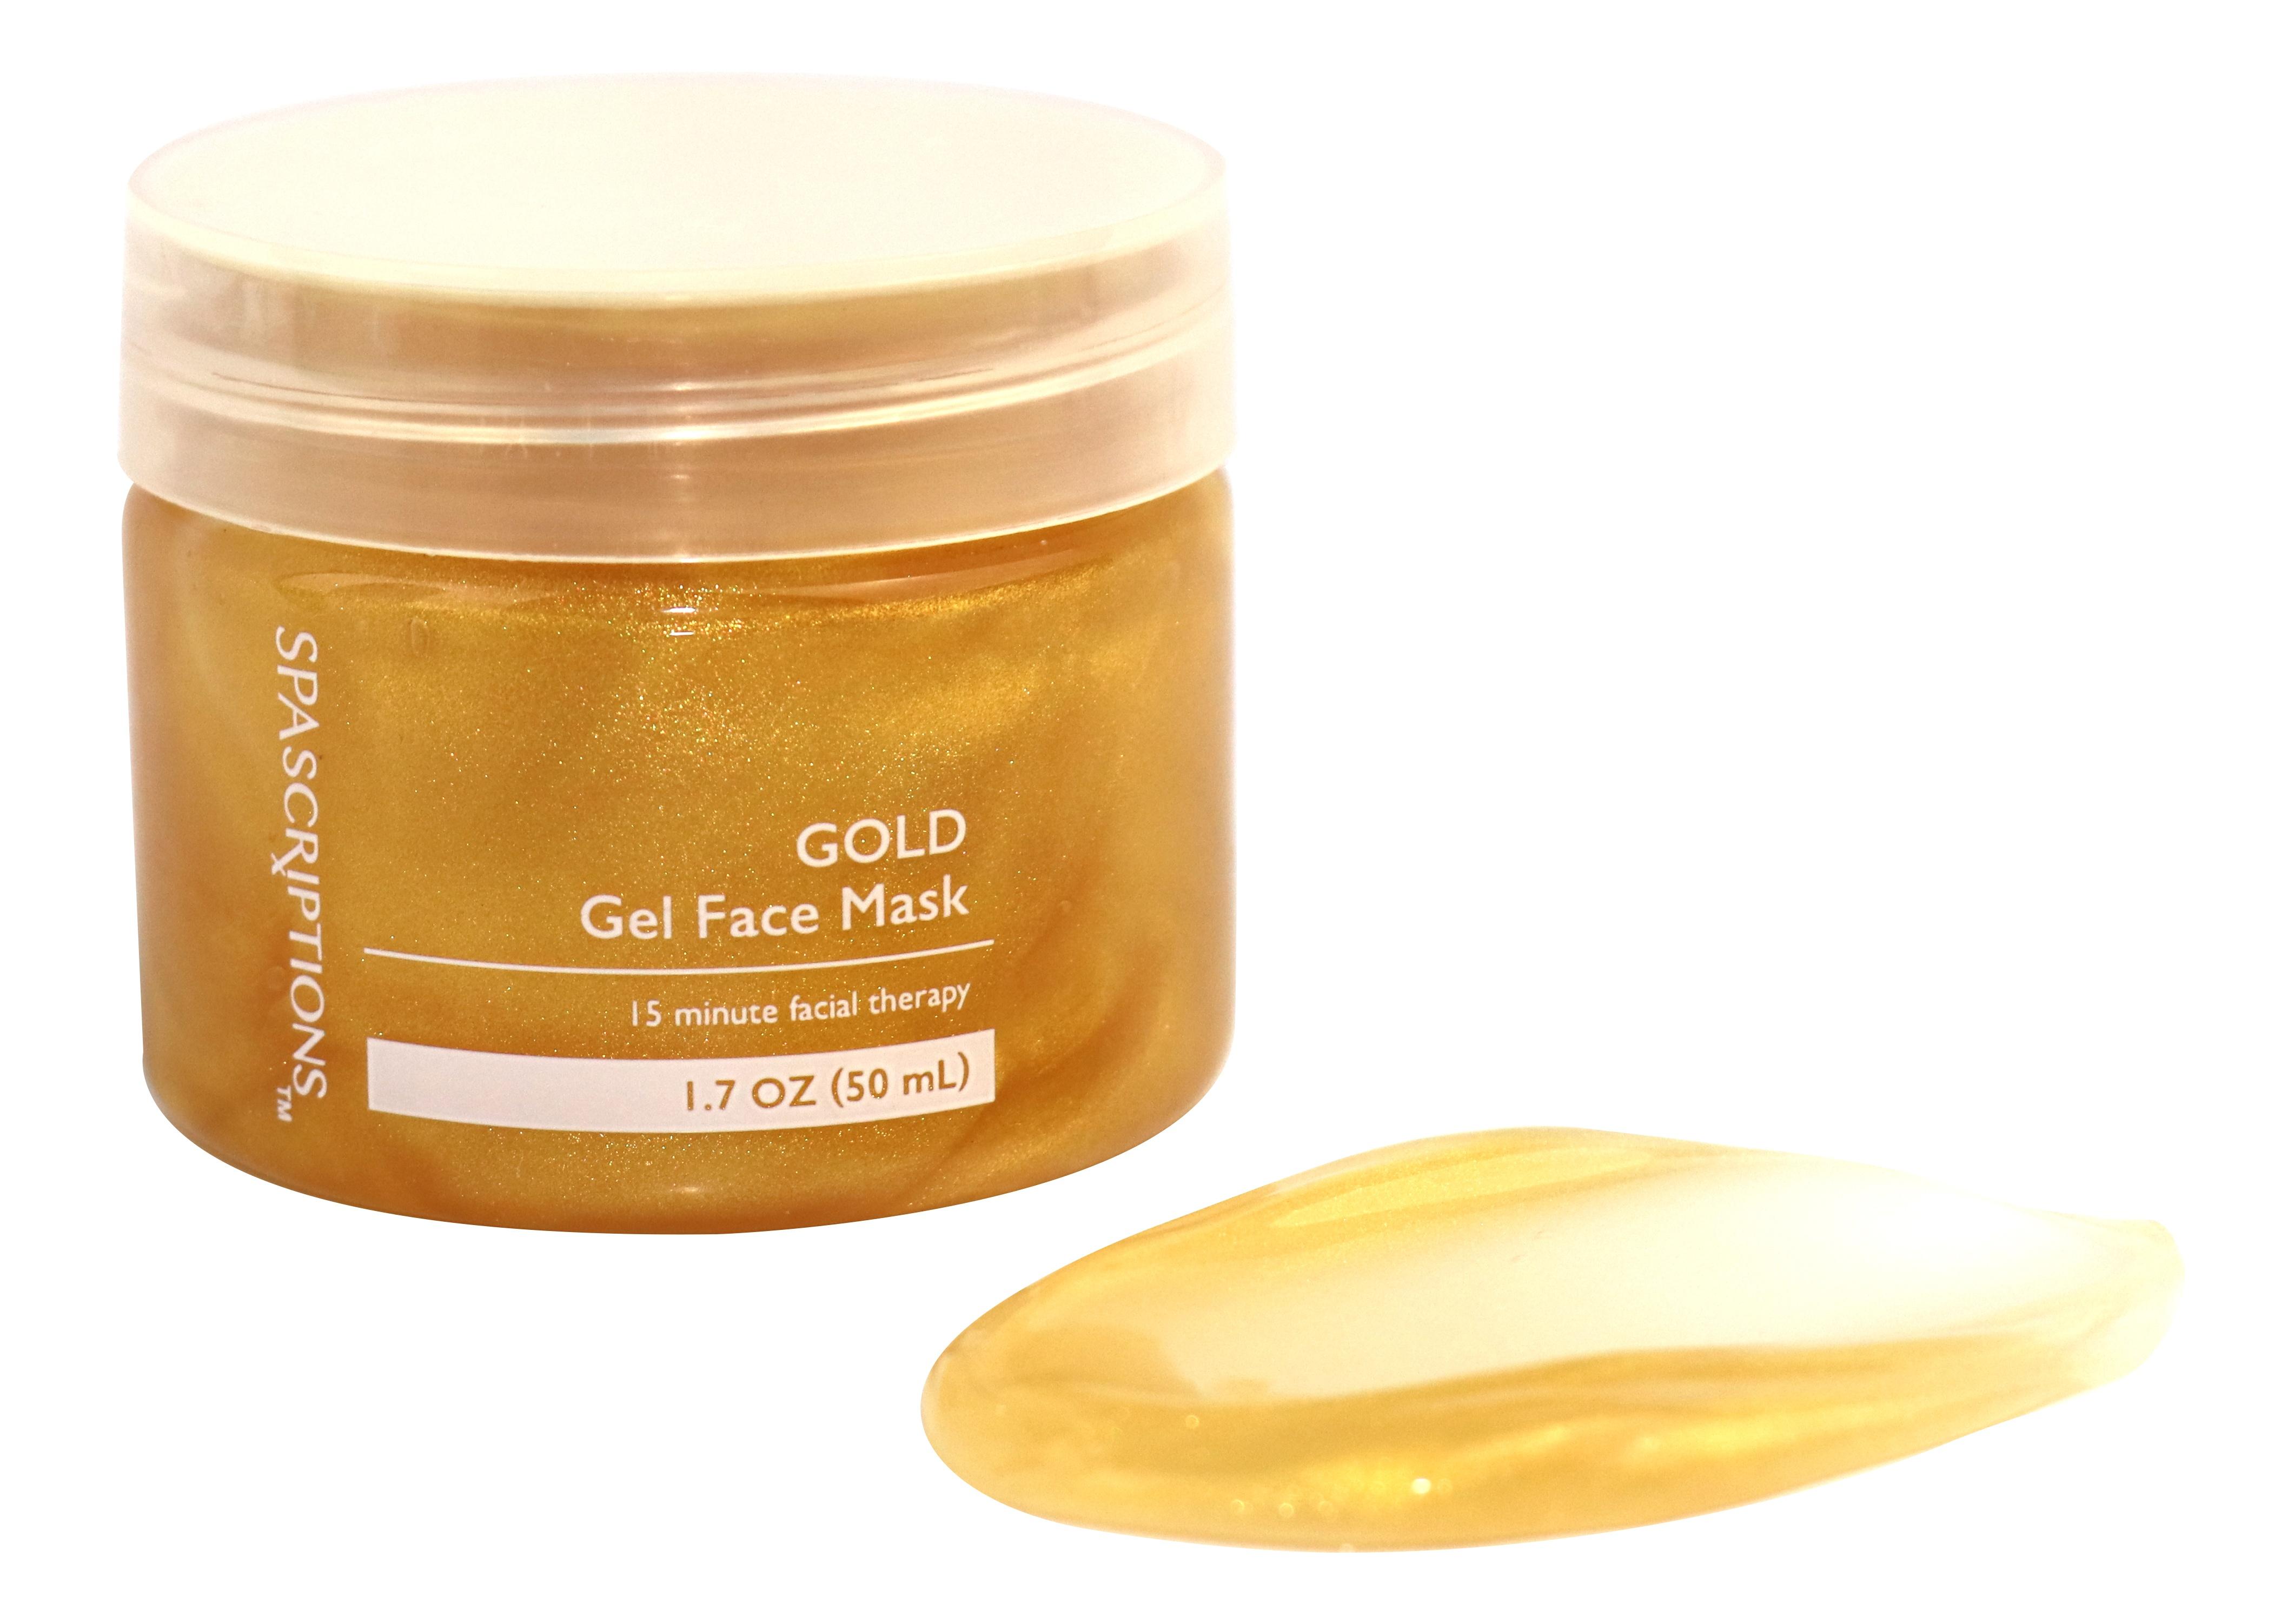 Spascriptions Gold Gel Face Mask